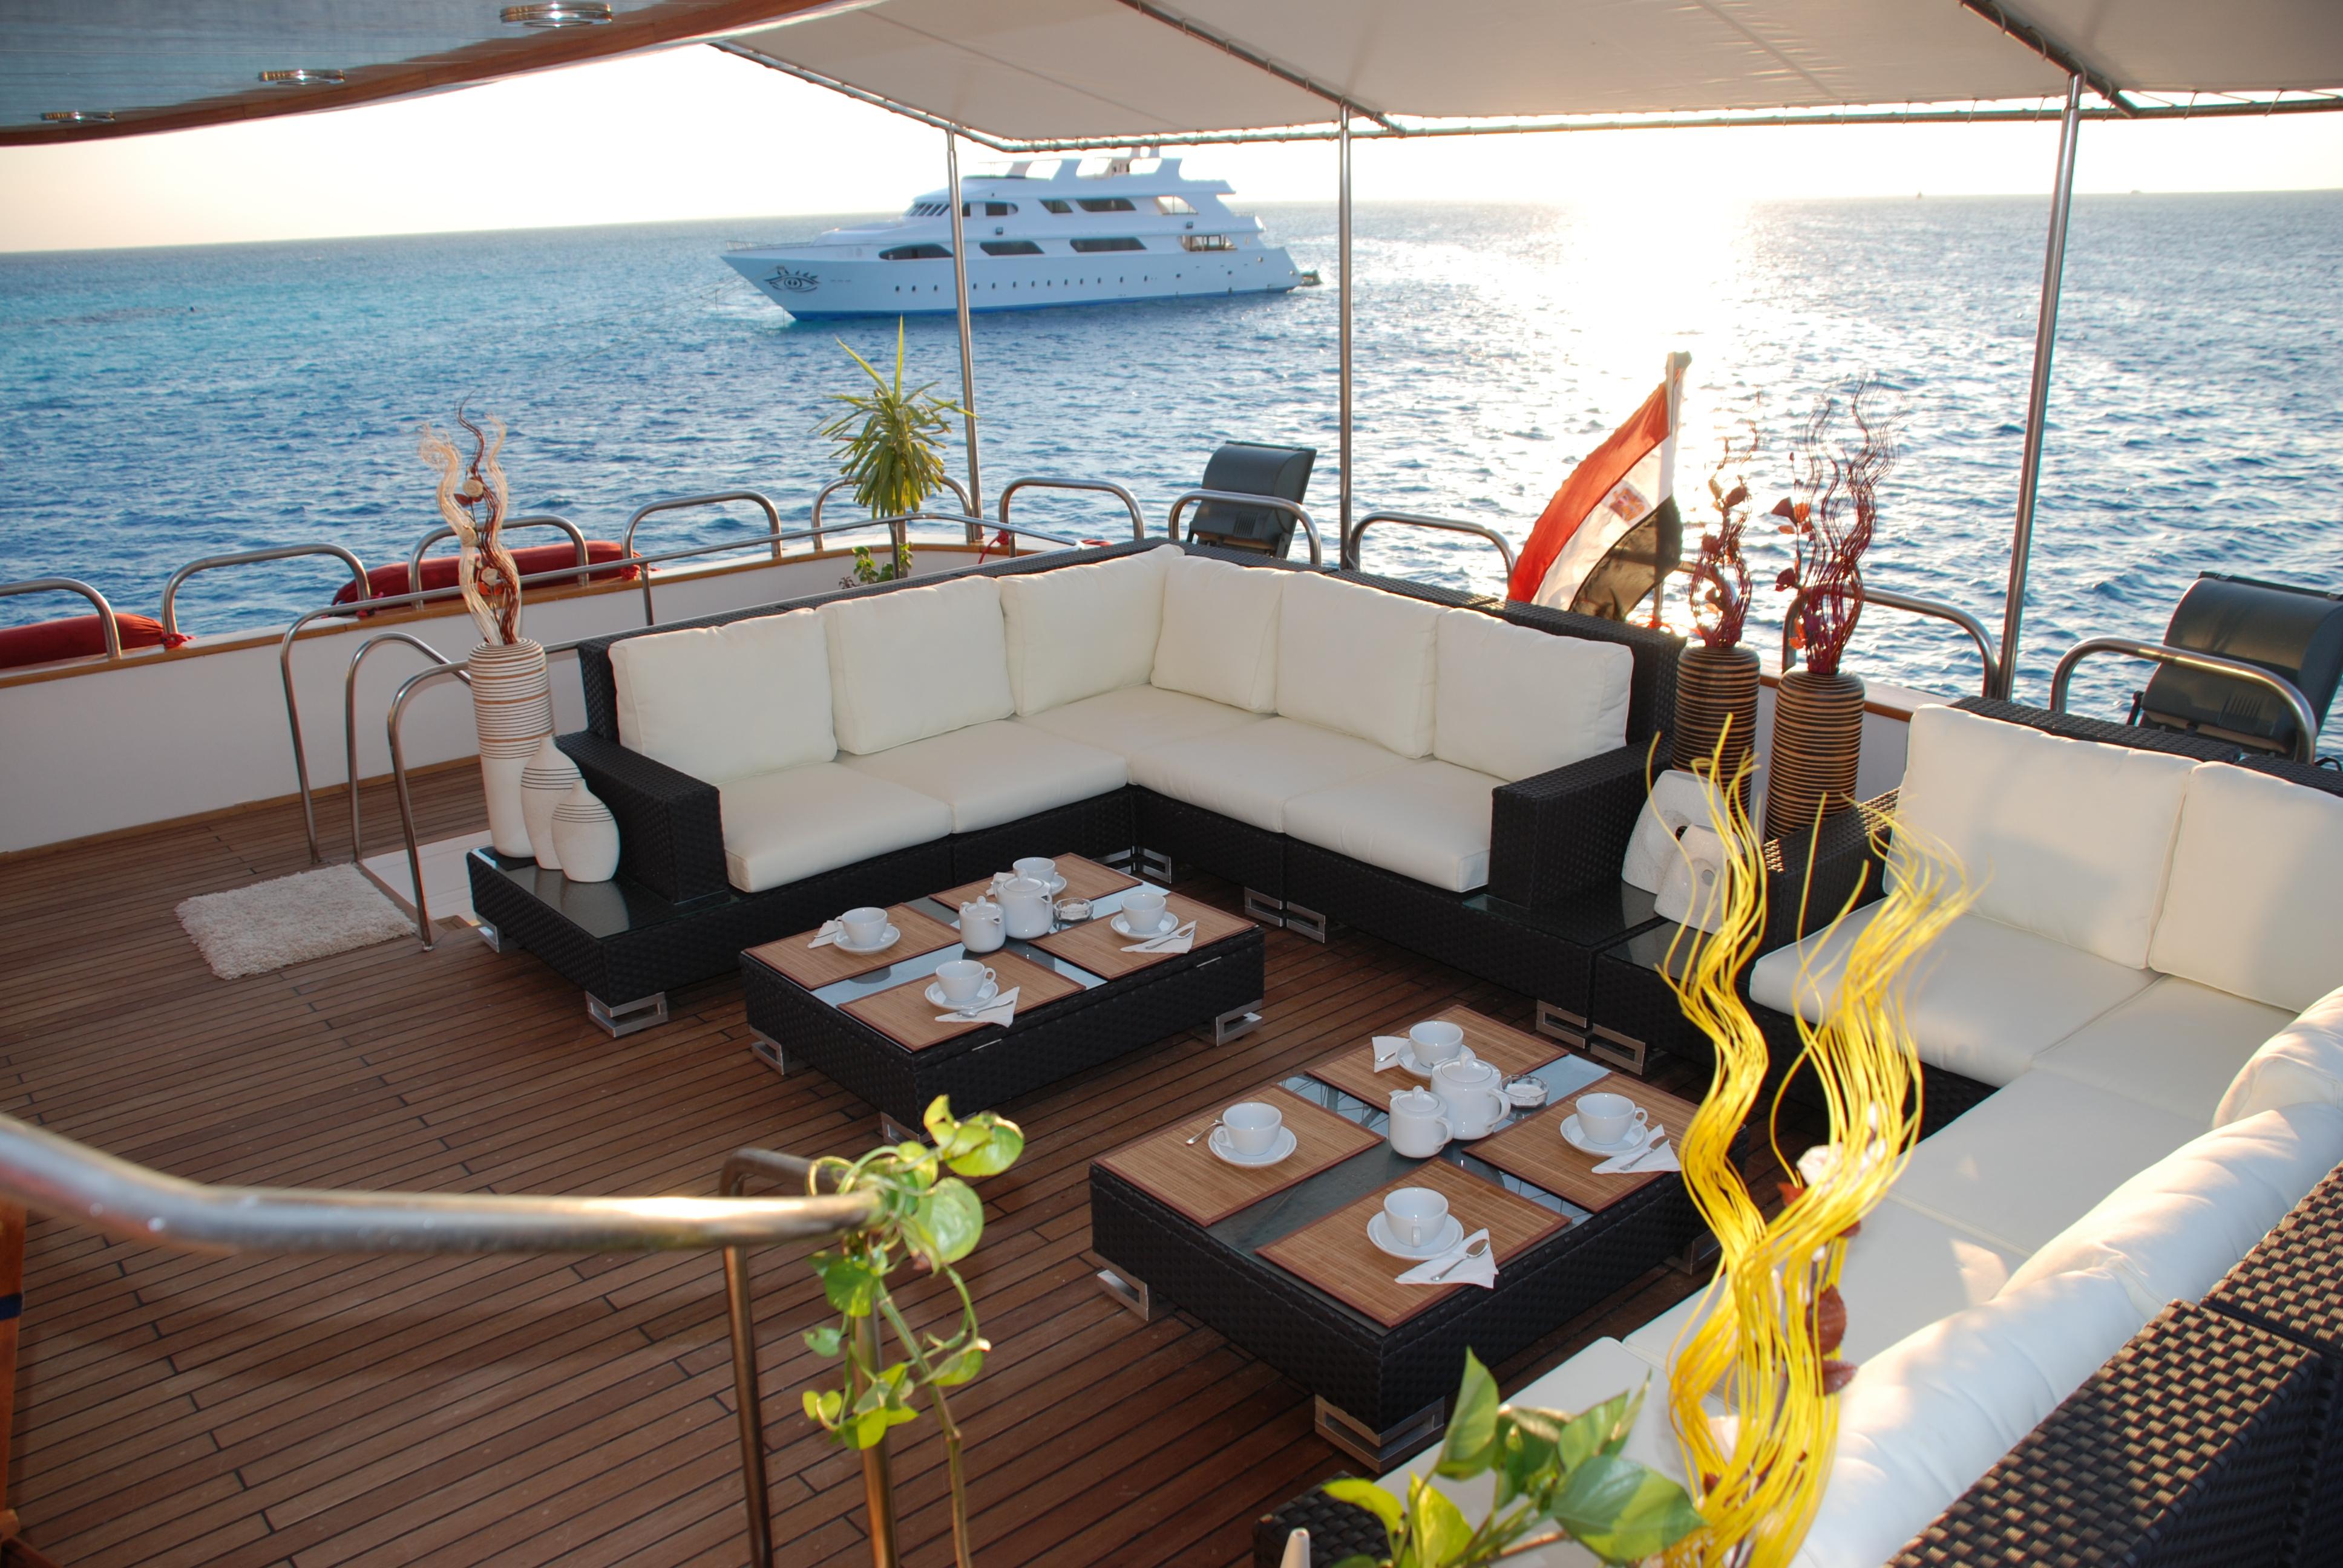 Gebrauchte Yacht Verkaufen